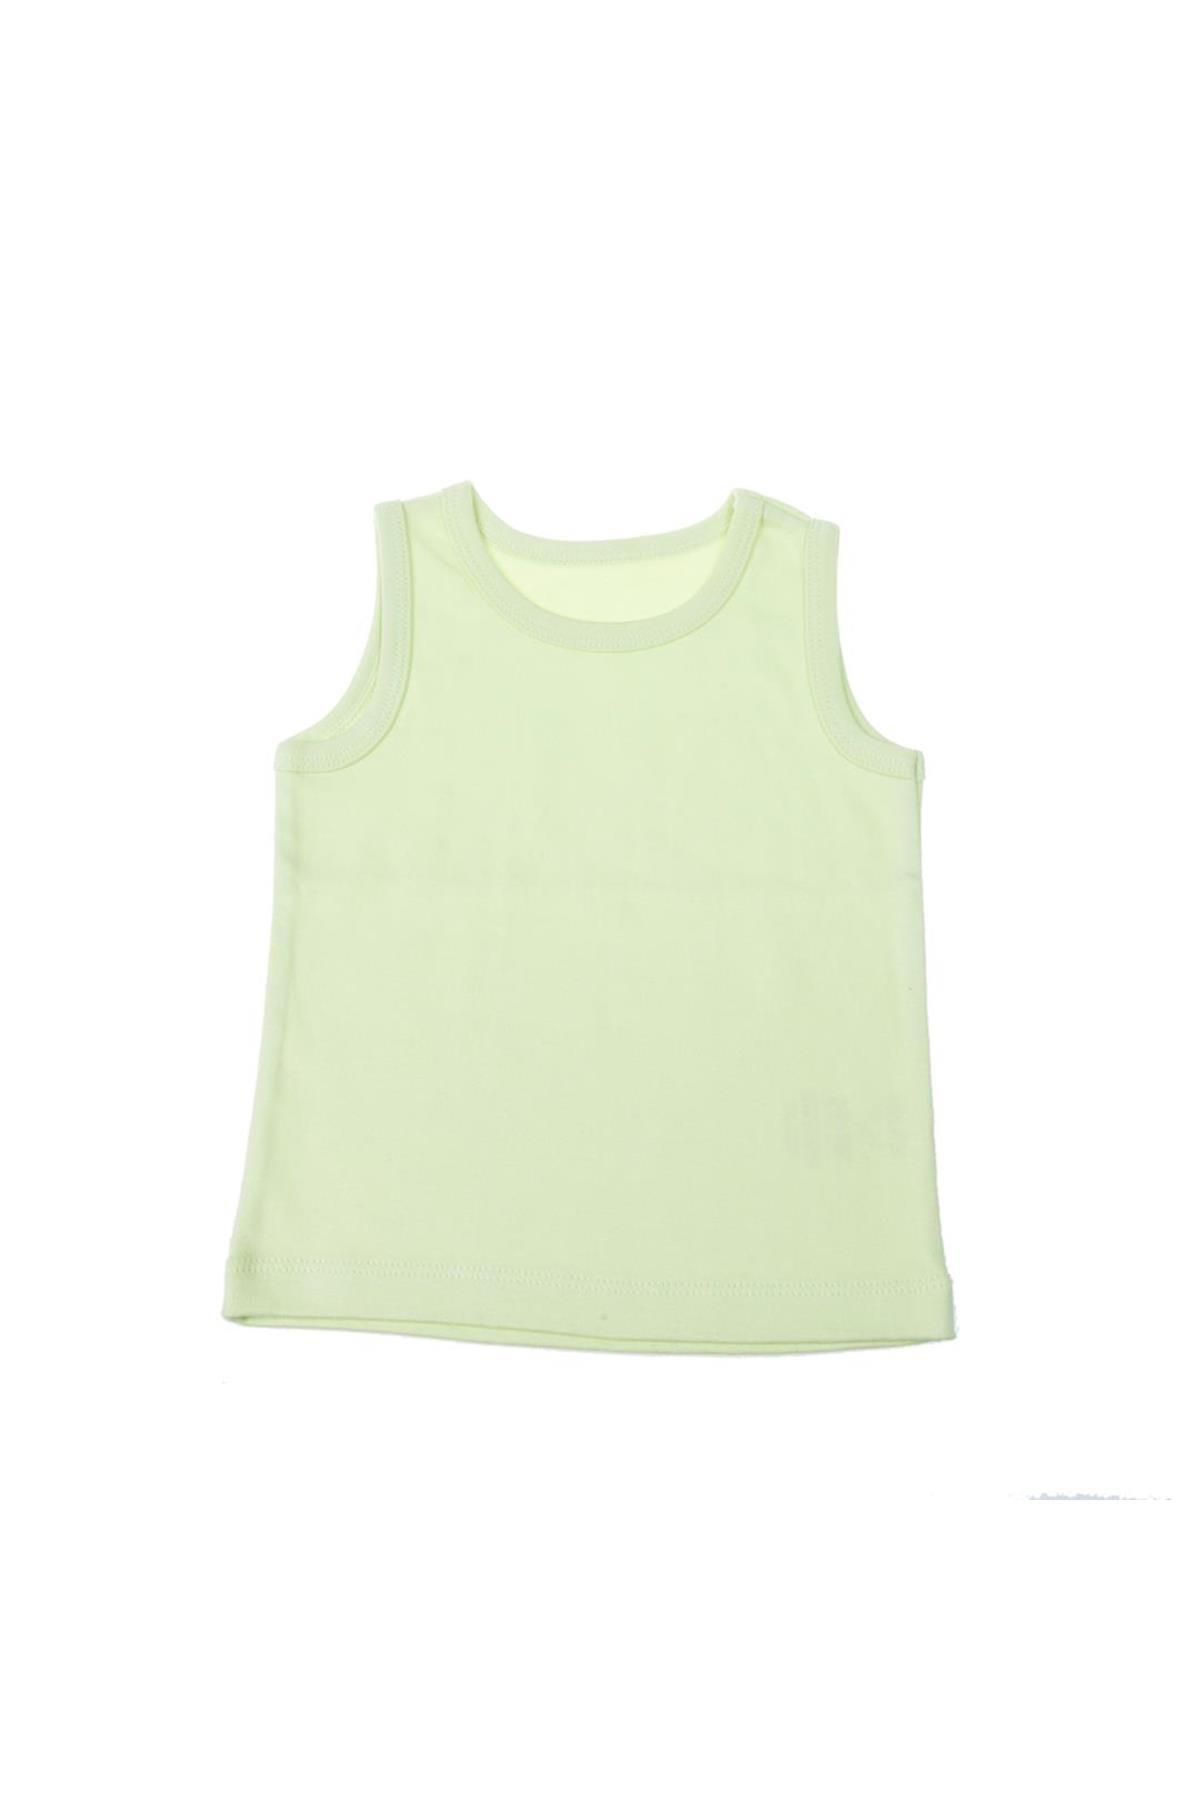 فروش تاپ بچه گانه پسرانه شیک و جدید برند Mini Ropa رنگ سبز کد ty46258190